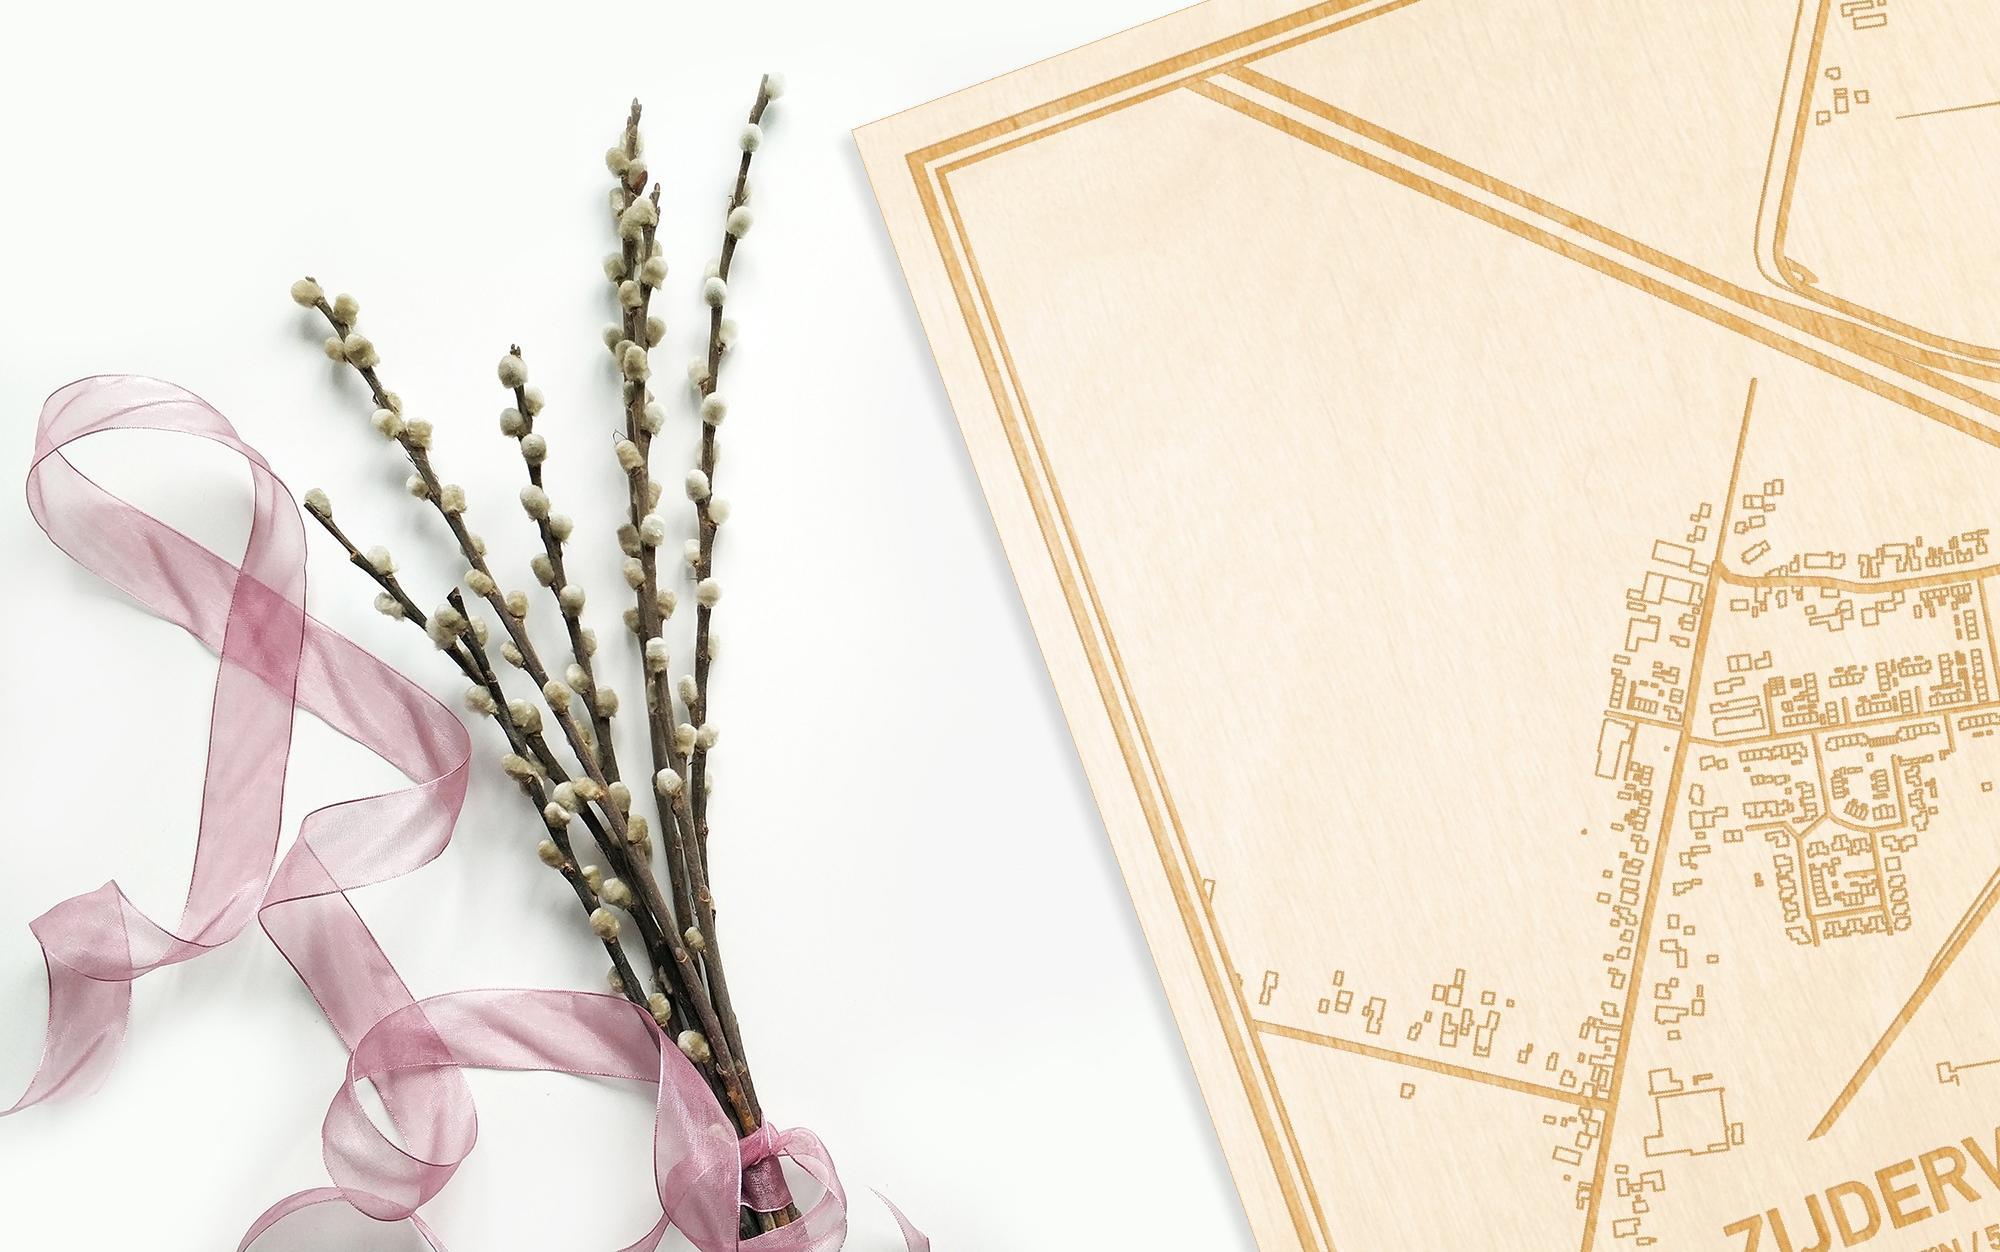 Hier ligt de houten plattegrond Zijderveld naast een bloemetje als gepersonaliseerd cadeau voor haar.